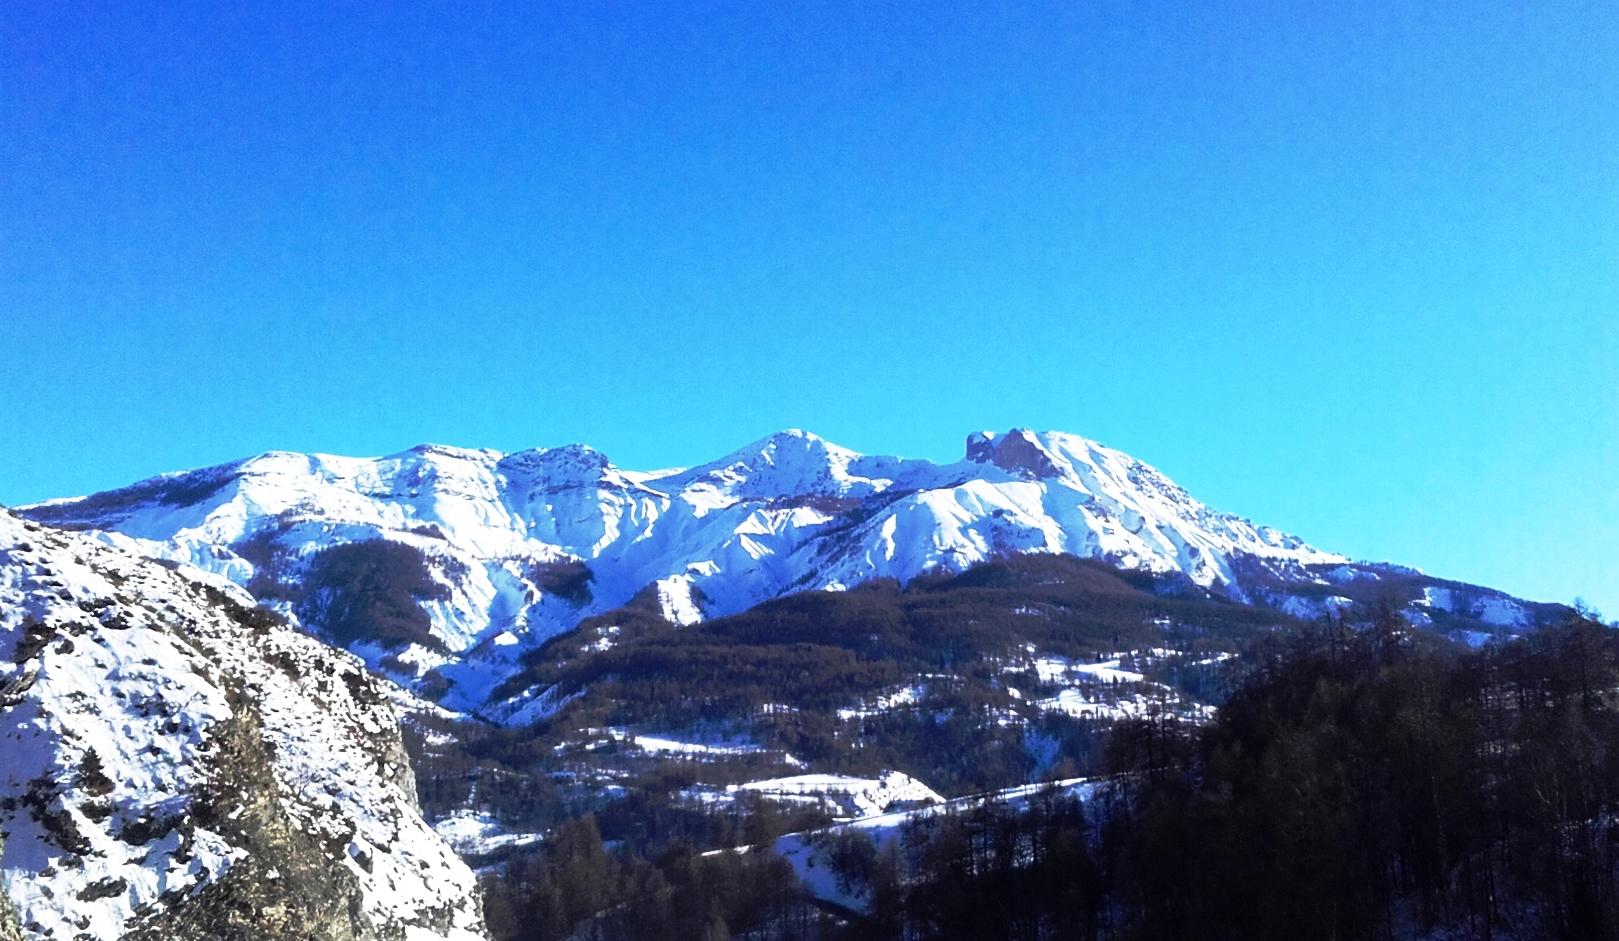 Campagne de prévention des risques en montagne en période hivernale - saison 2019/2020